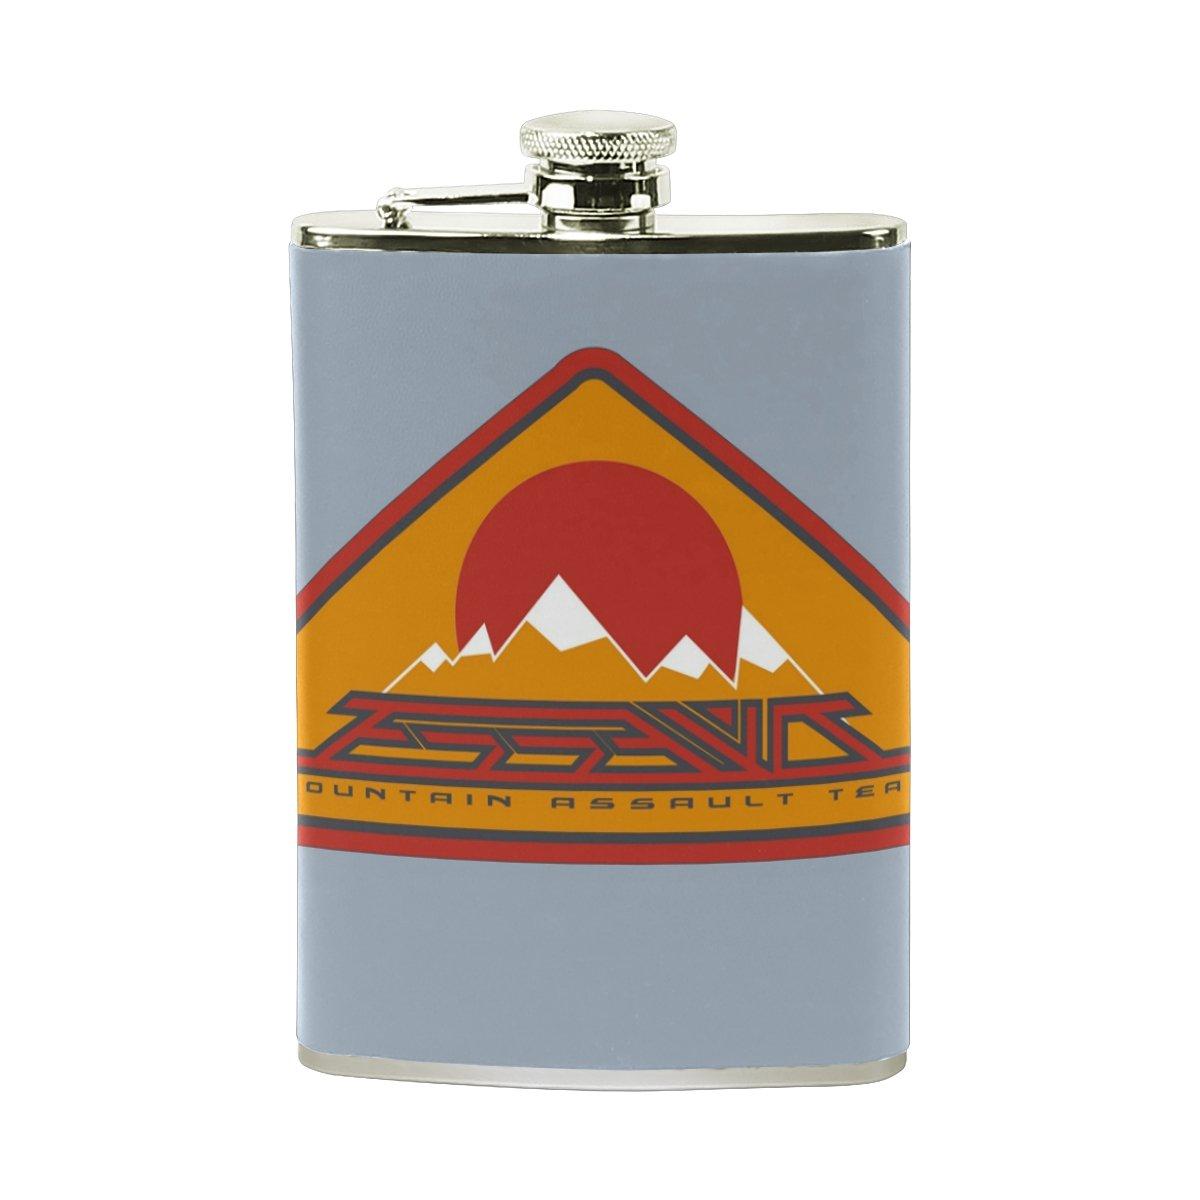 無料発送 deyyaメンズスキーステンレス鋼ポケットヒップフラスコワインウイスキーポットDrinking Spirits One Liquor One Multi#004 Size B0794ZYY5Z Multi#004 B0794ZYY5Z, ギャラリーレア:52e4f0b4 --- a0267596.xsph.ru